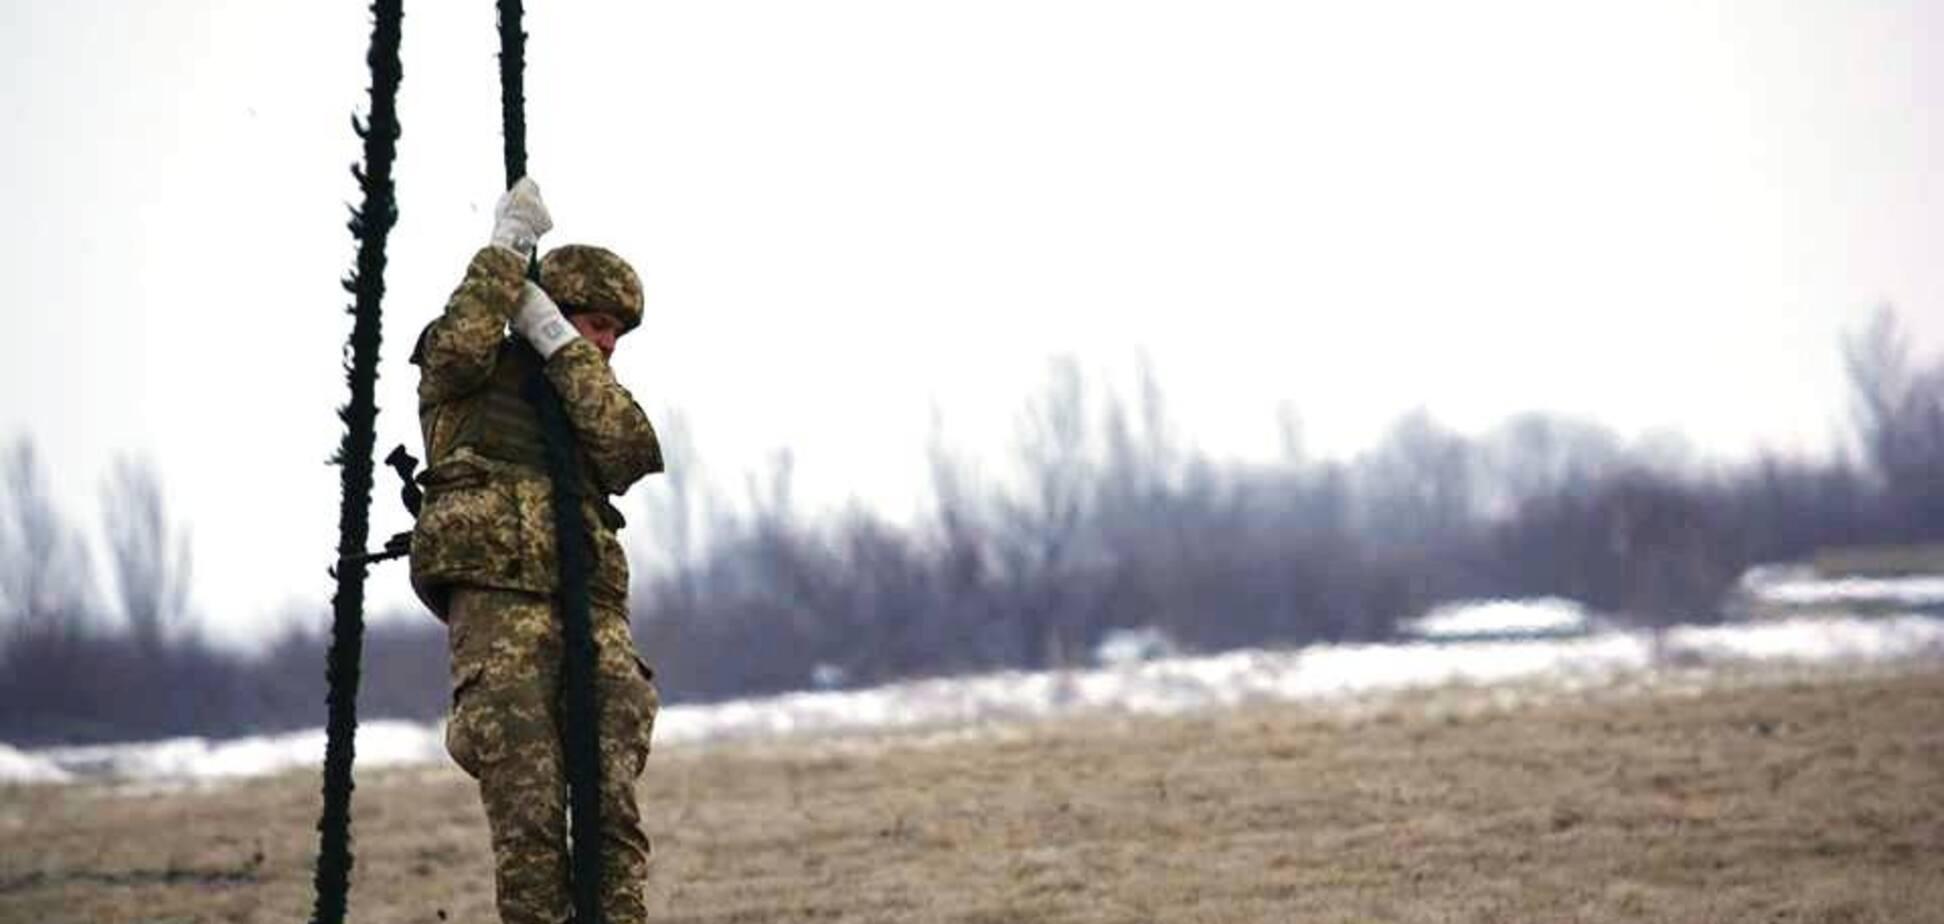 Порезана голова и перебиты руки: под Киевом жестоко убили контрактника